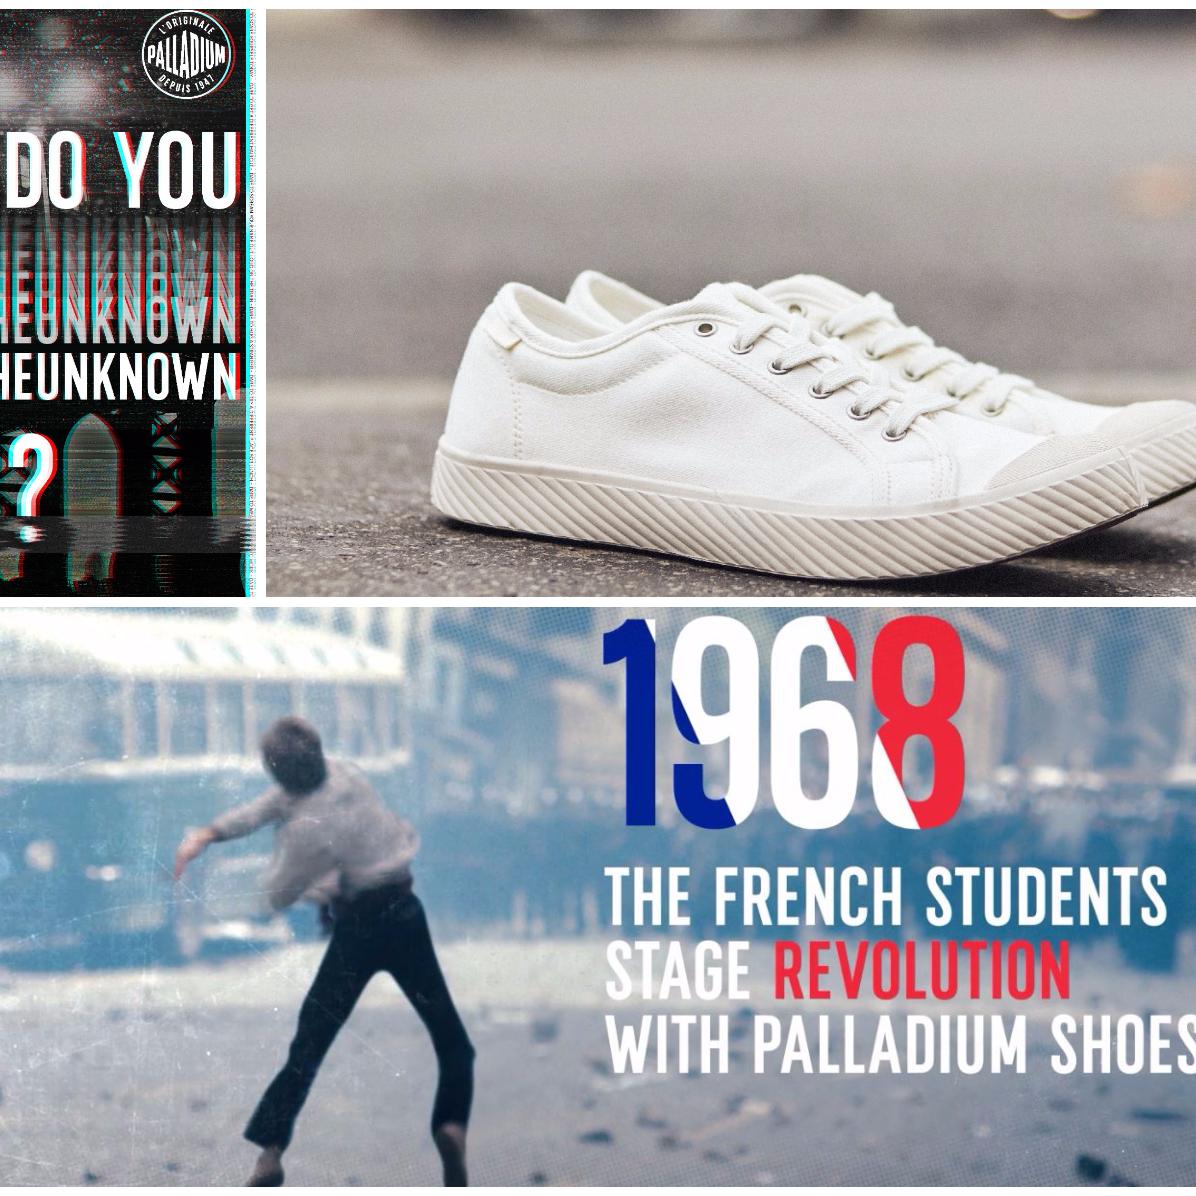 來自法國的時尚小白鞋!源自1968年的復刻經典